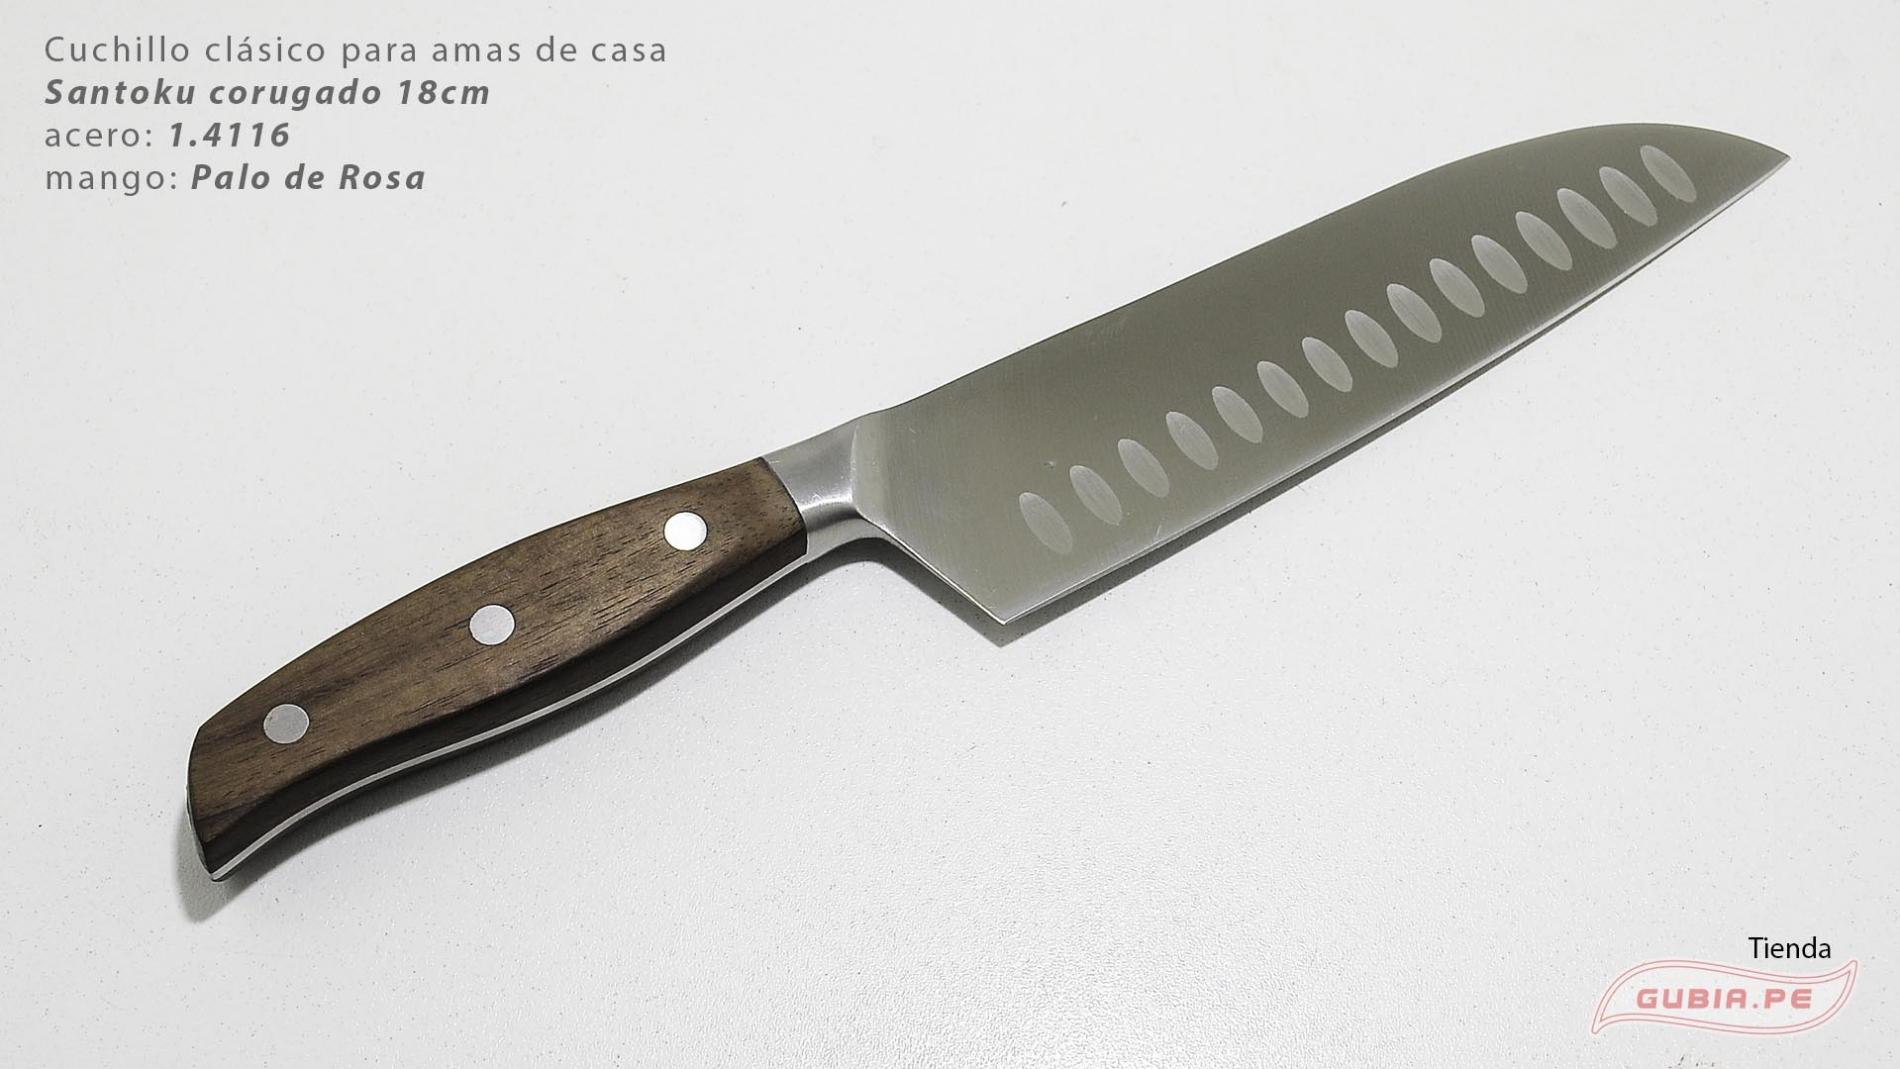 C1s18-Cuchillo Santoku 18cm  acero 1.4116 Palo de Rosa Clásico C1s18-max-1.